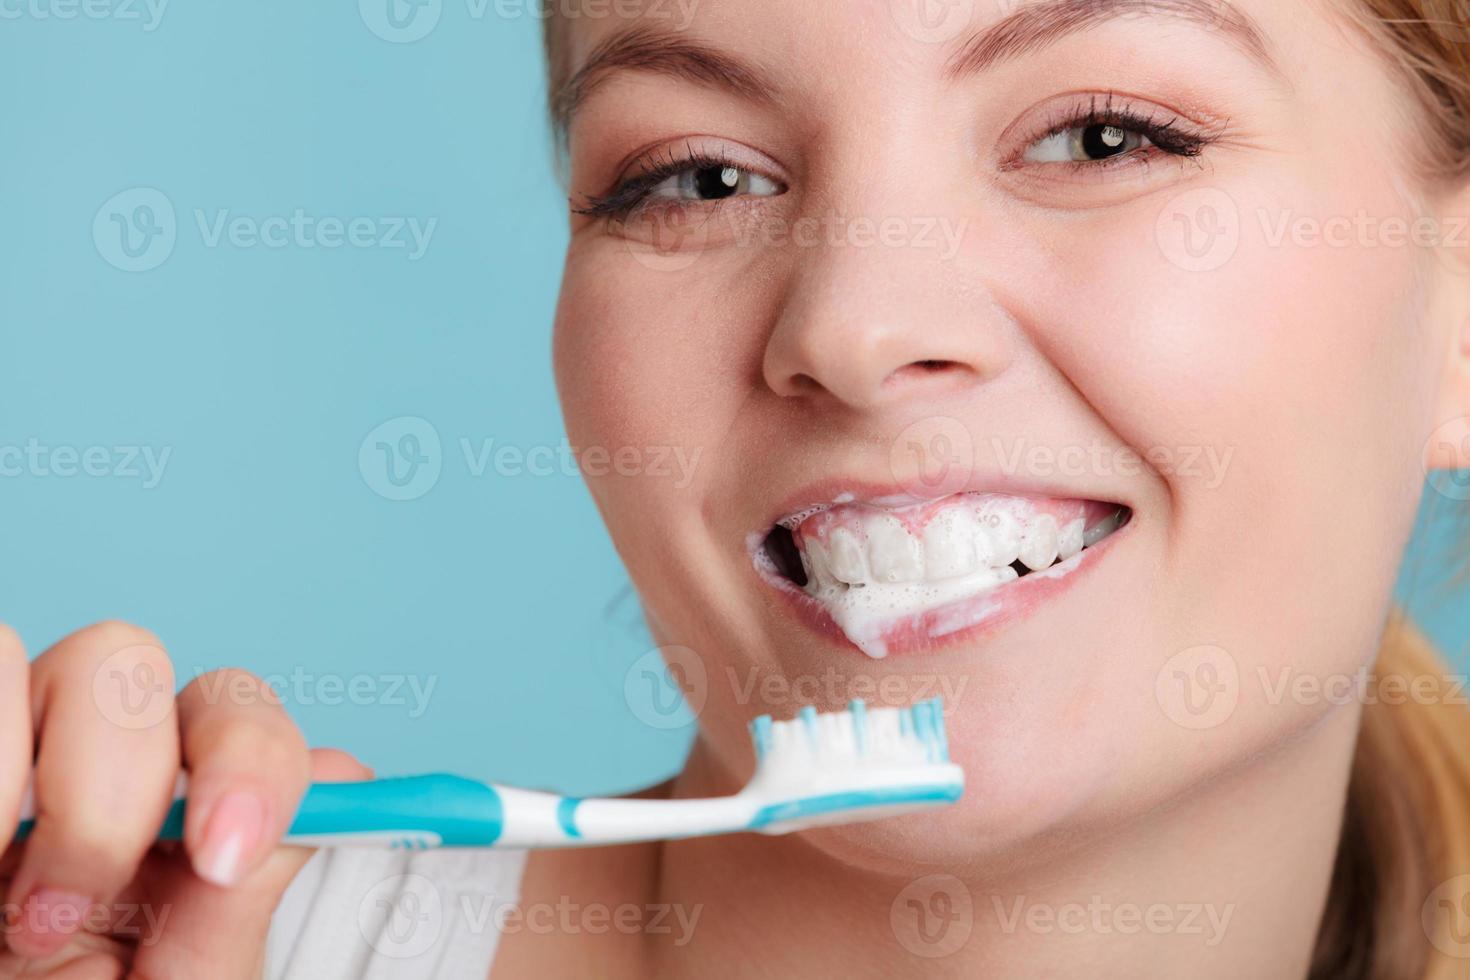 Frau mit Zahnbürste putzen Zähne putzen foto